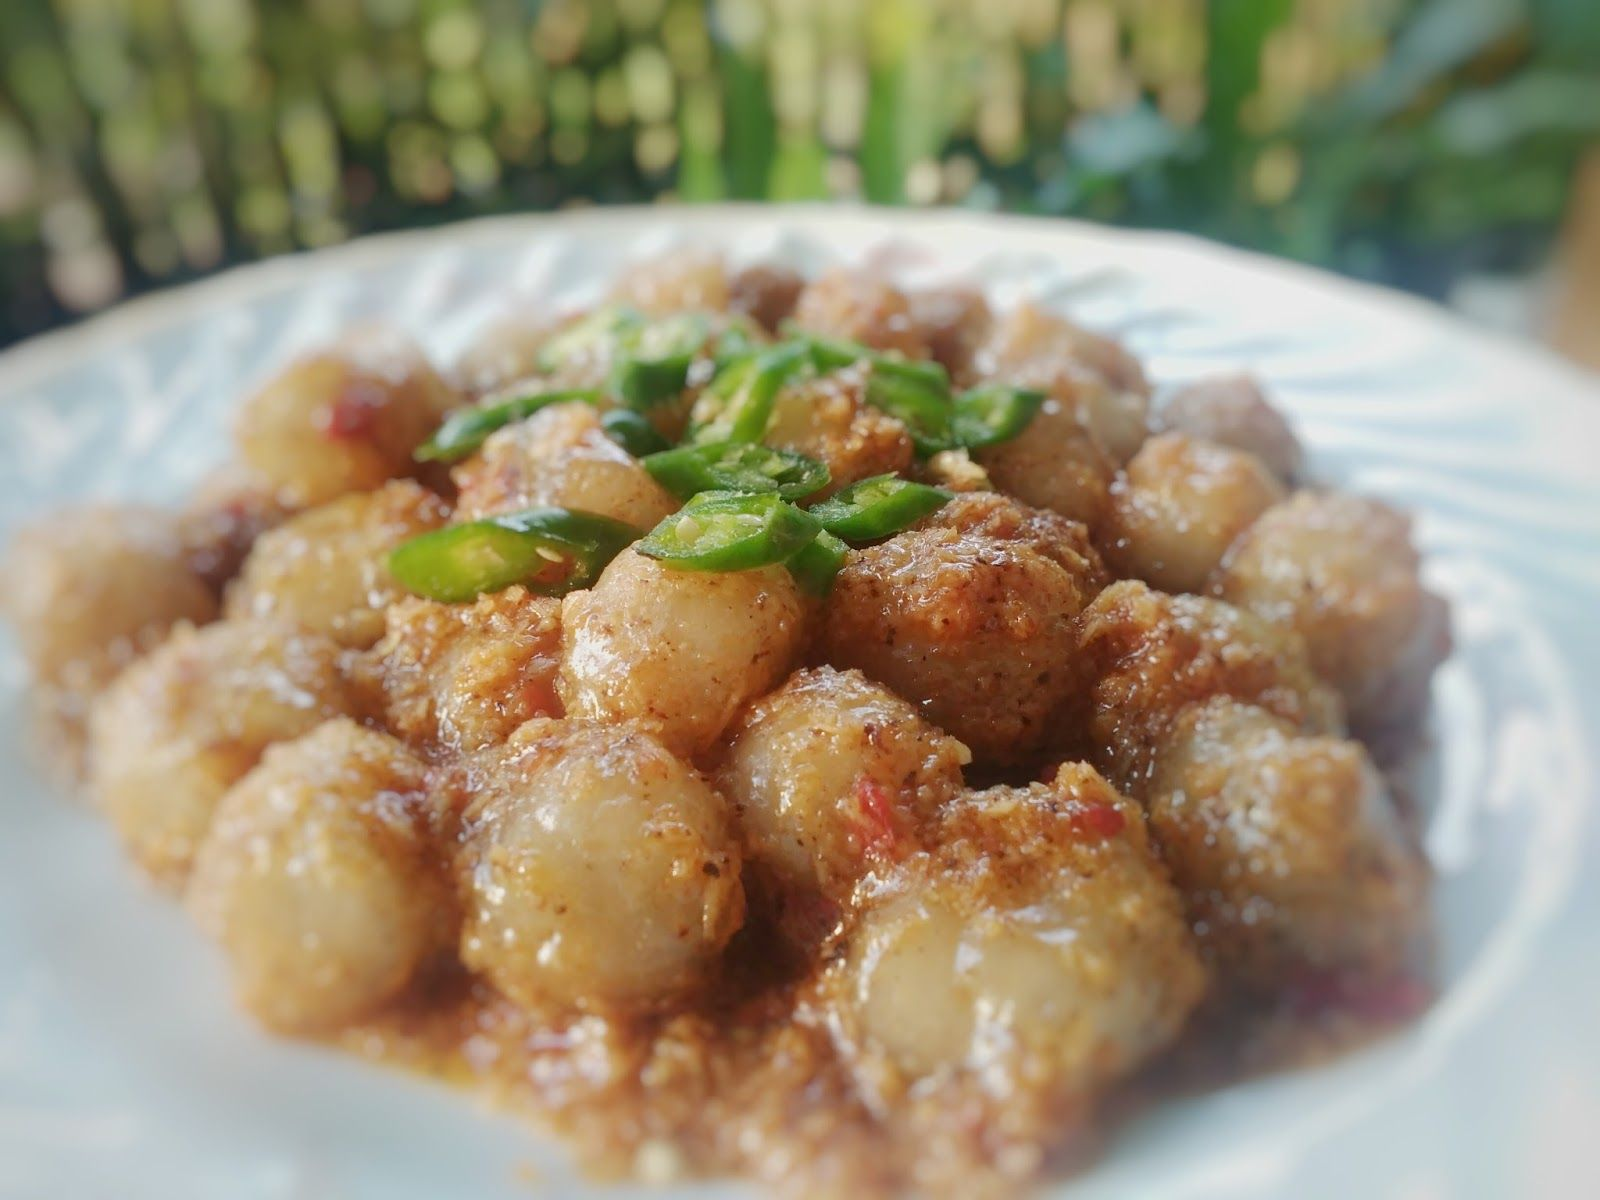 Resep Segala Masakan Resep Membuat Cilok Aci Bumbu Kelapa Resep Masakan Masakan Resep